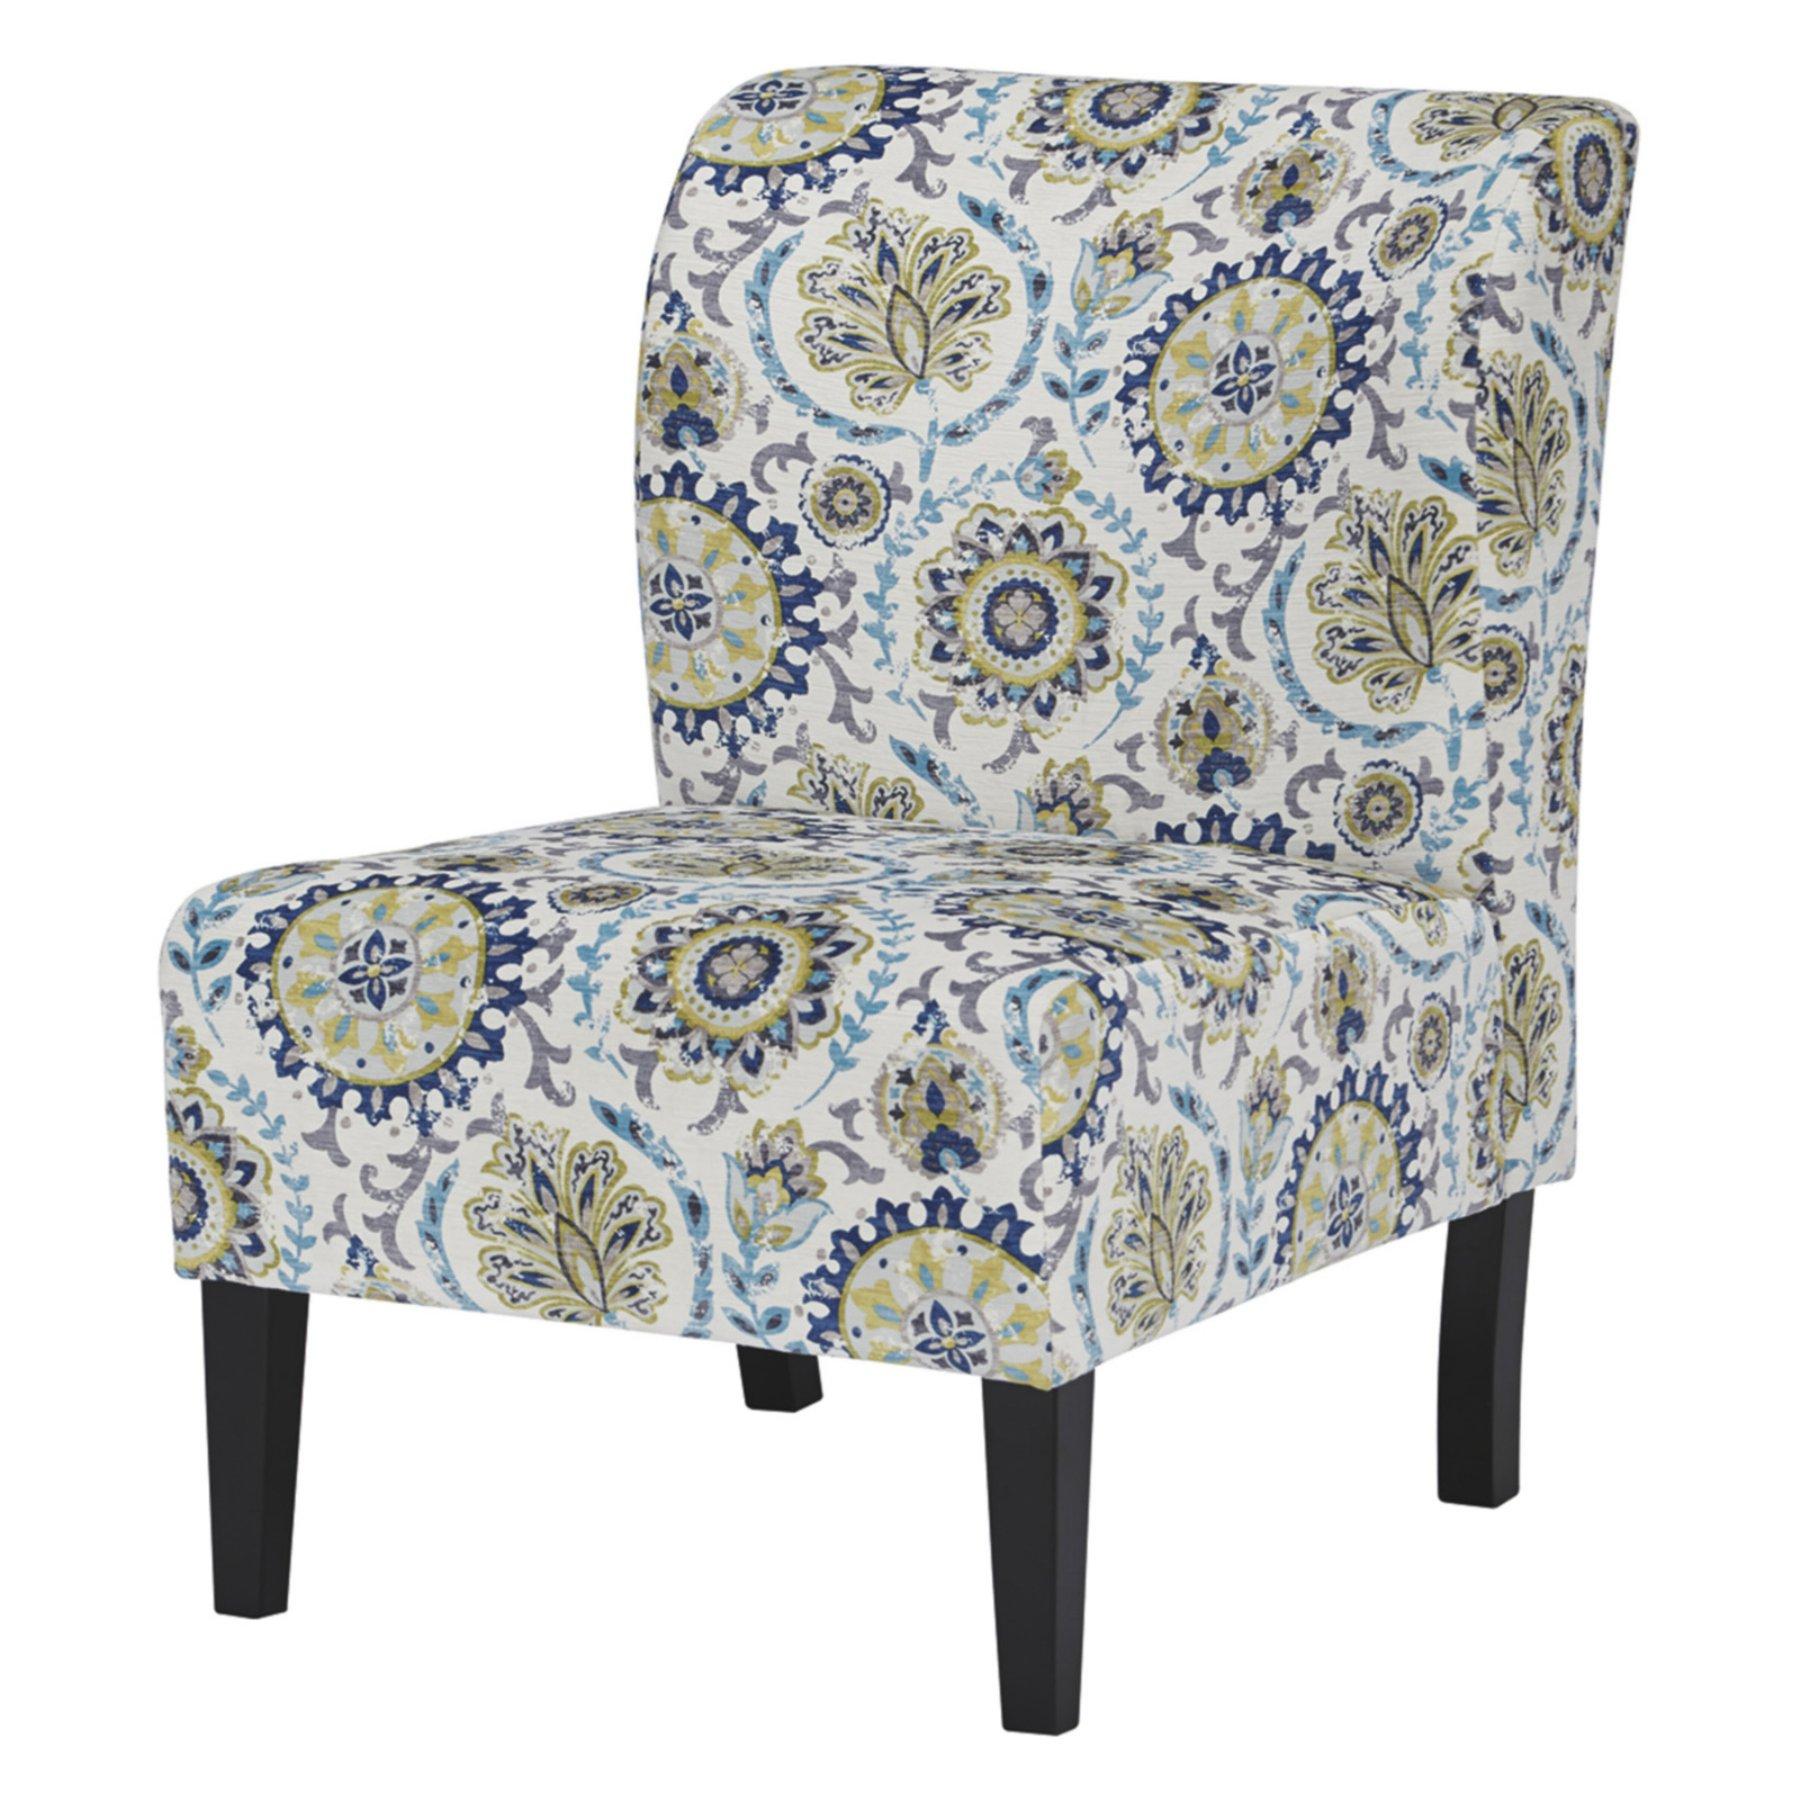 Signature Design By Ashley Triptis Floral Print Accent Chair